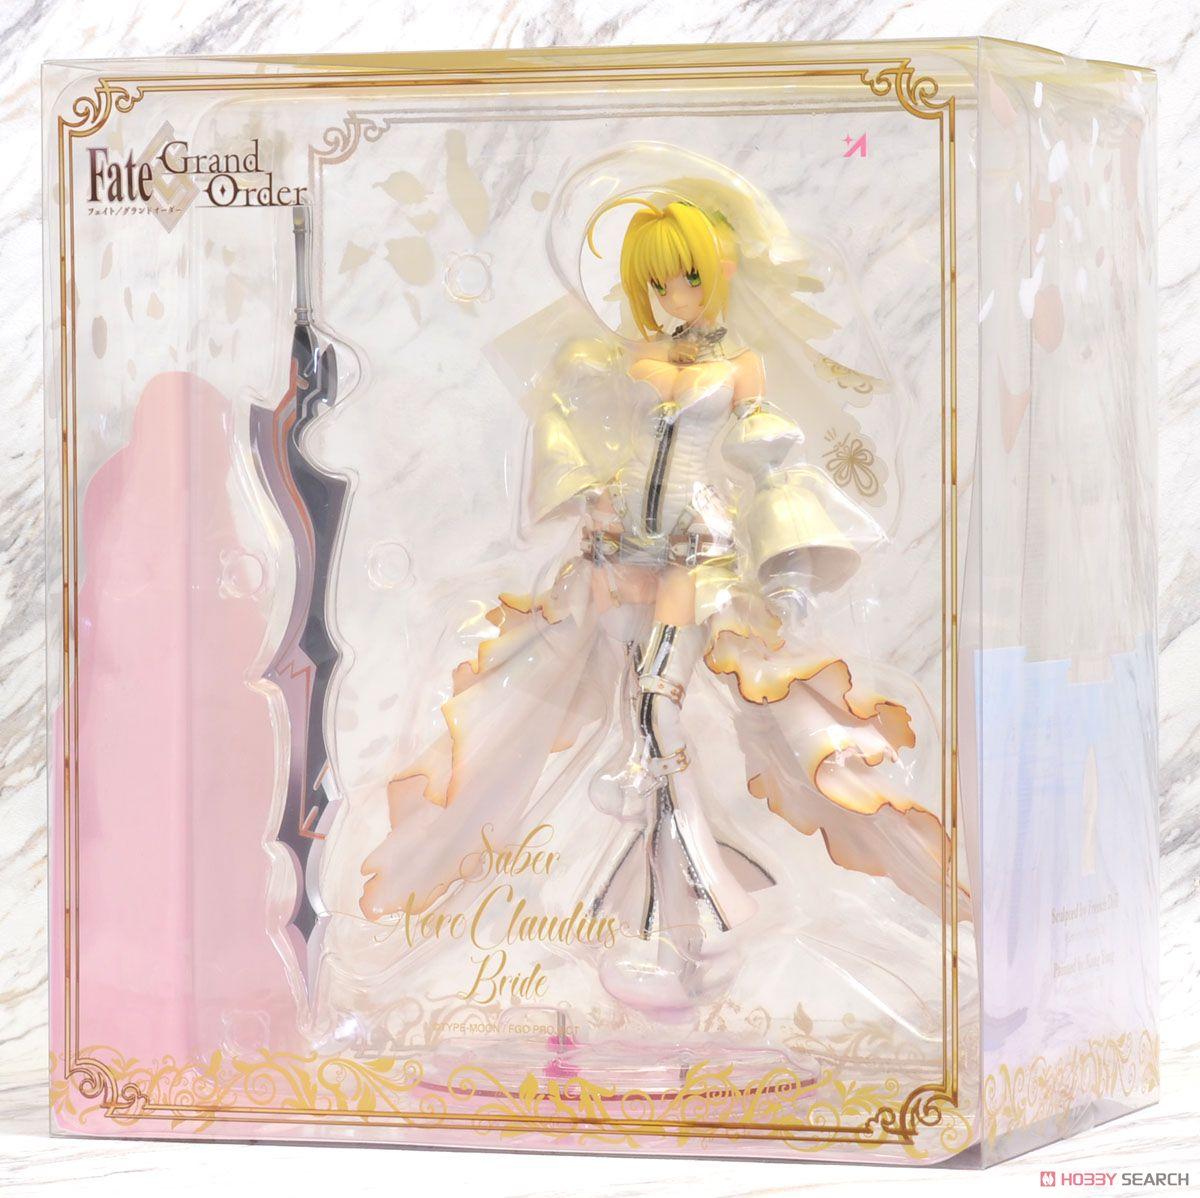 【再販】Fate/Grand Order『セイバー/ネロ・クラウディウス[ブライド]』完成品フィギュア-018